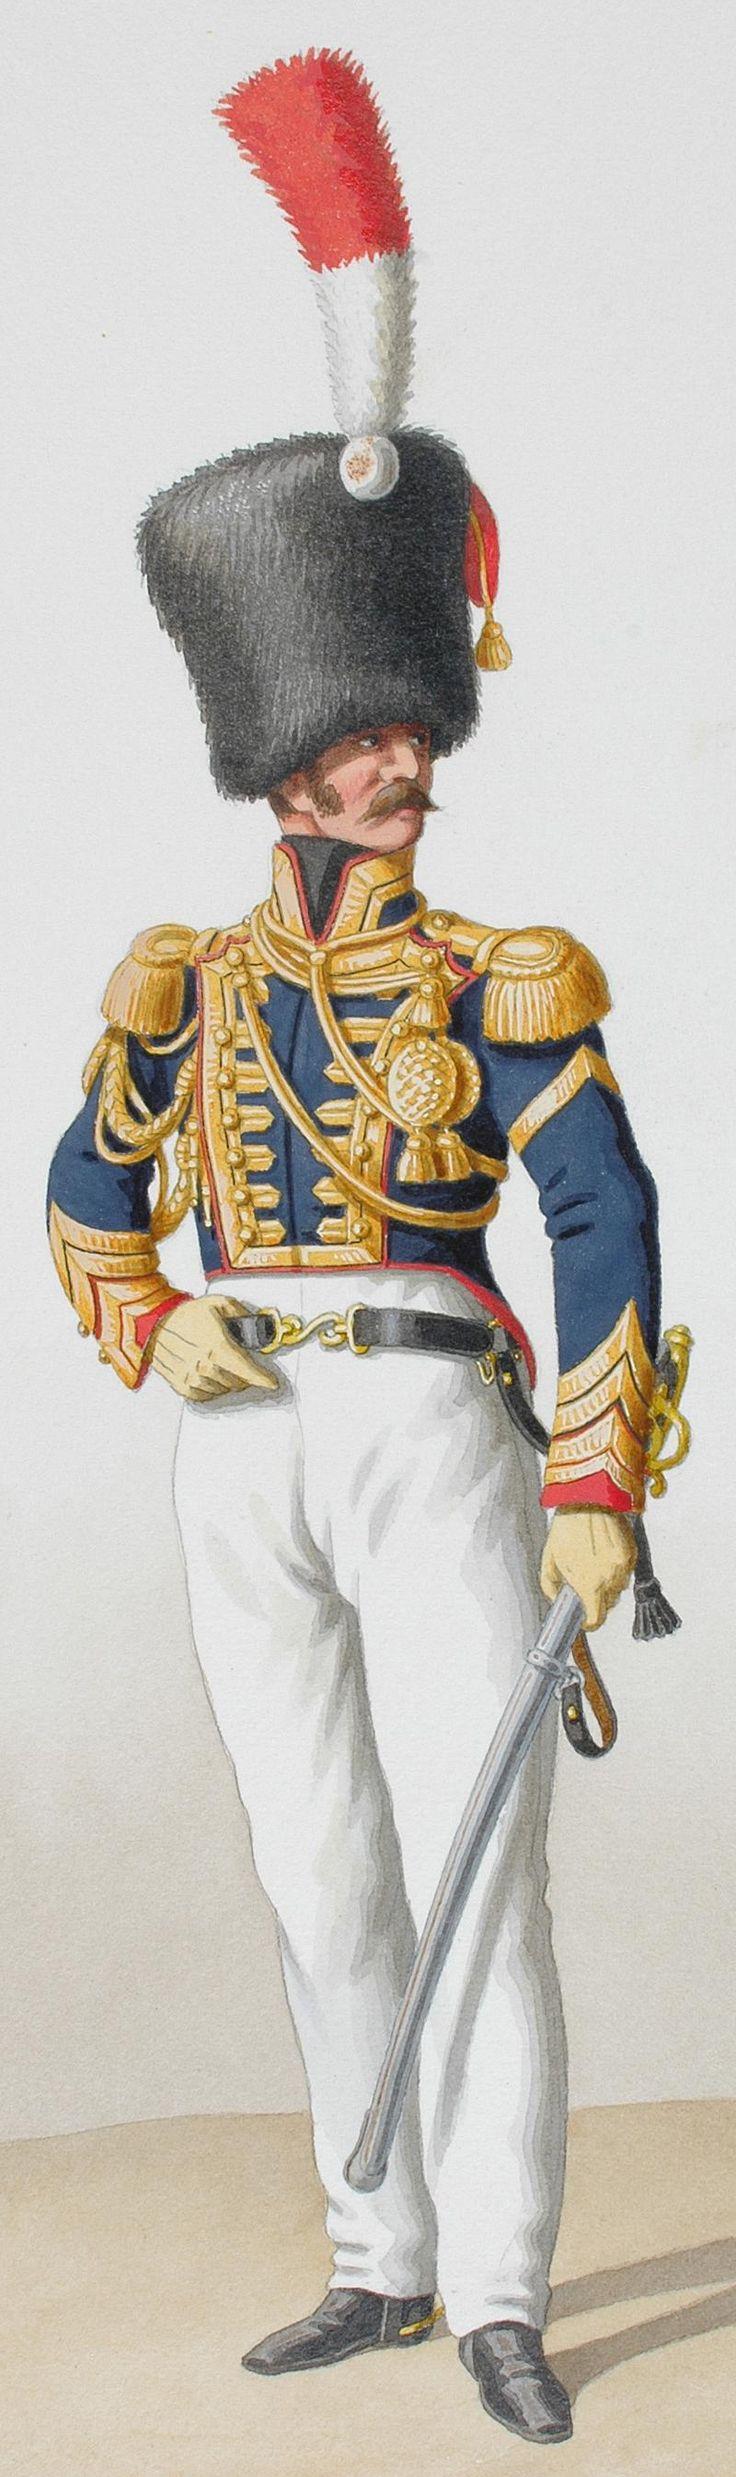 1824. Garde Royale. Artillerie à Cheval. Maréchal des Logis-Trompette, Trompette.